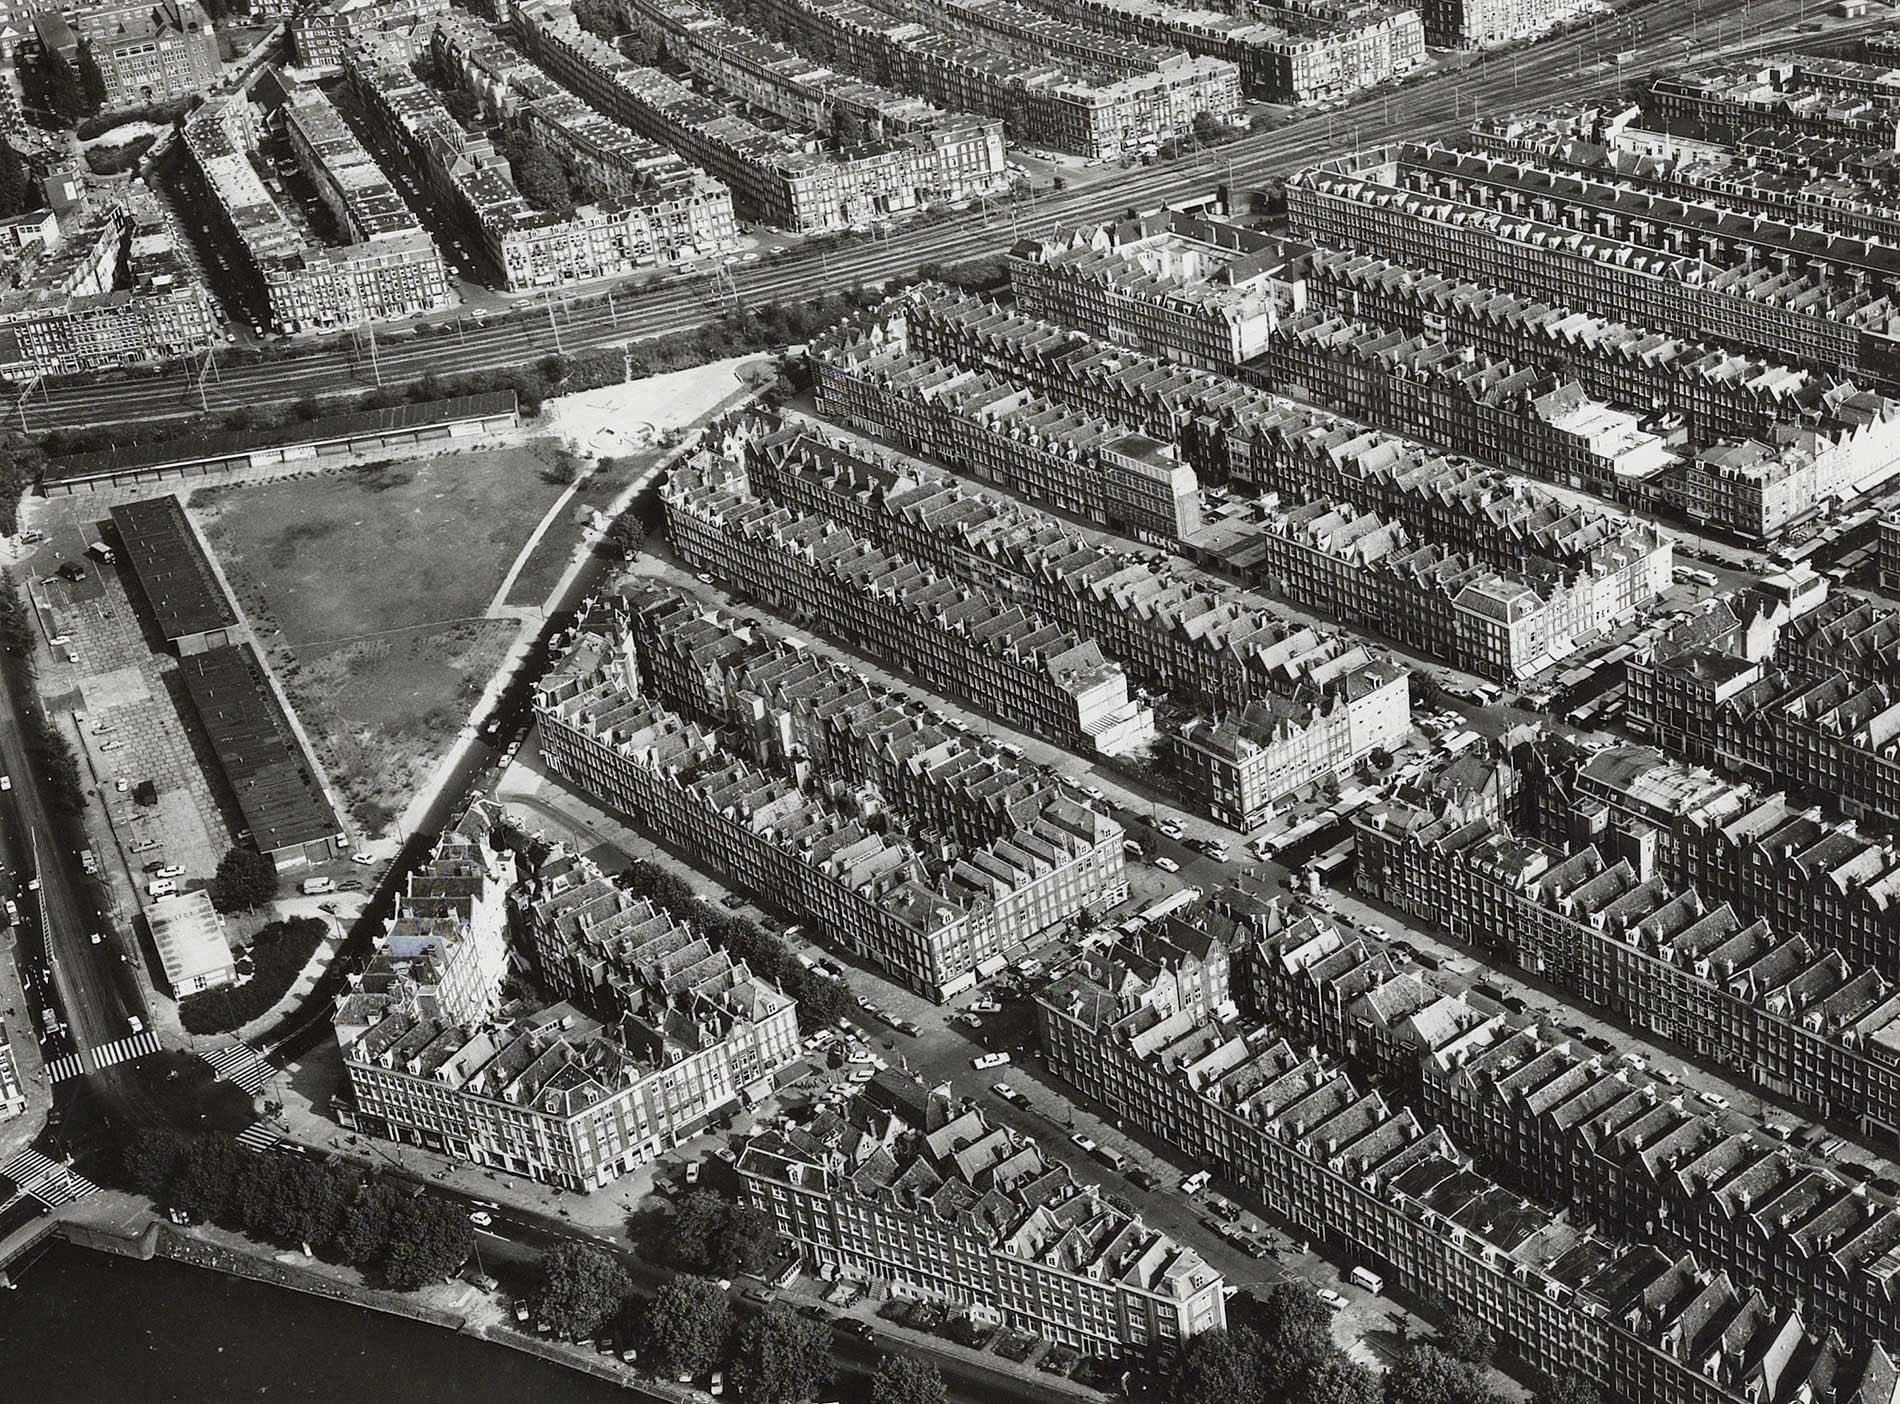 Luchtfoto Dapperbuurt gezien in oostelijke richting met rechts de Dapperstraat